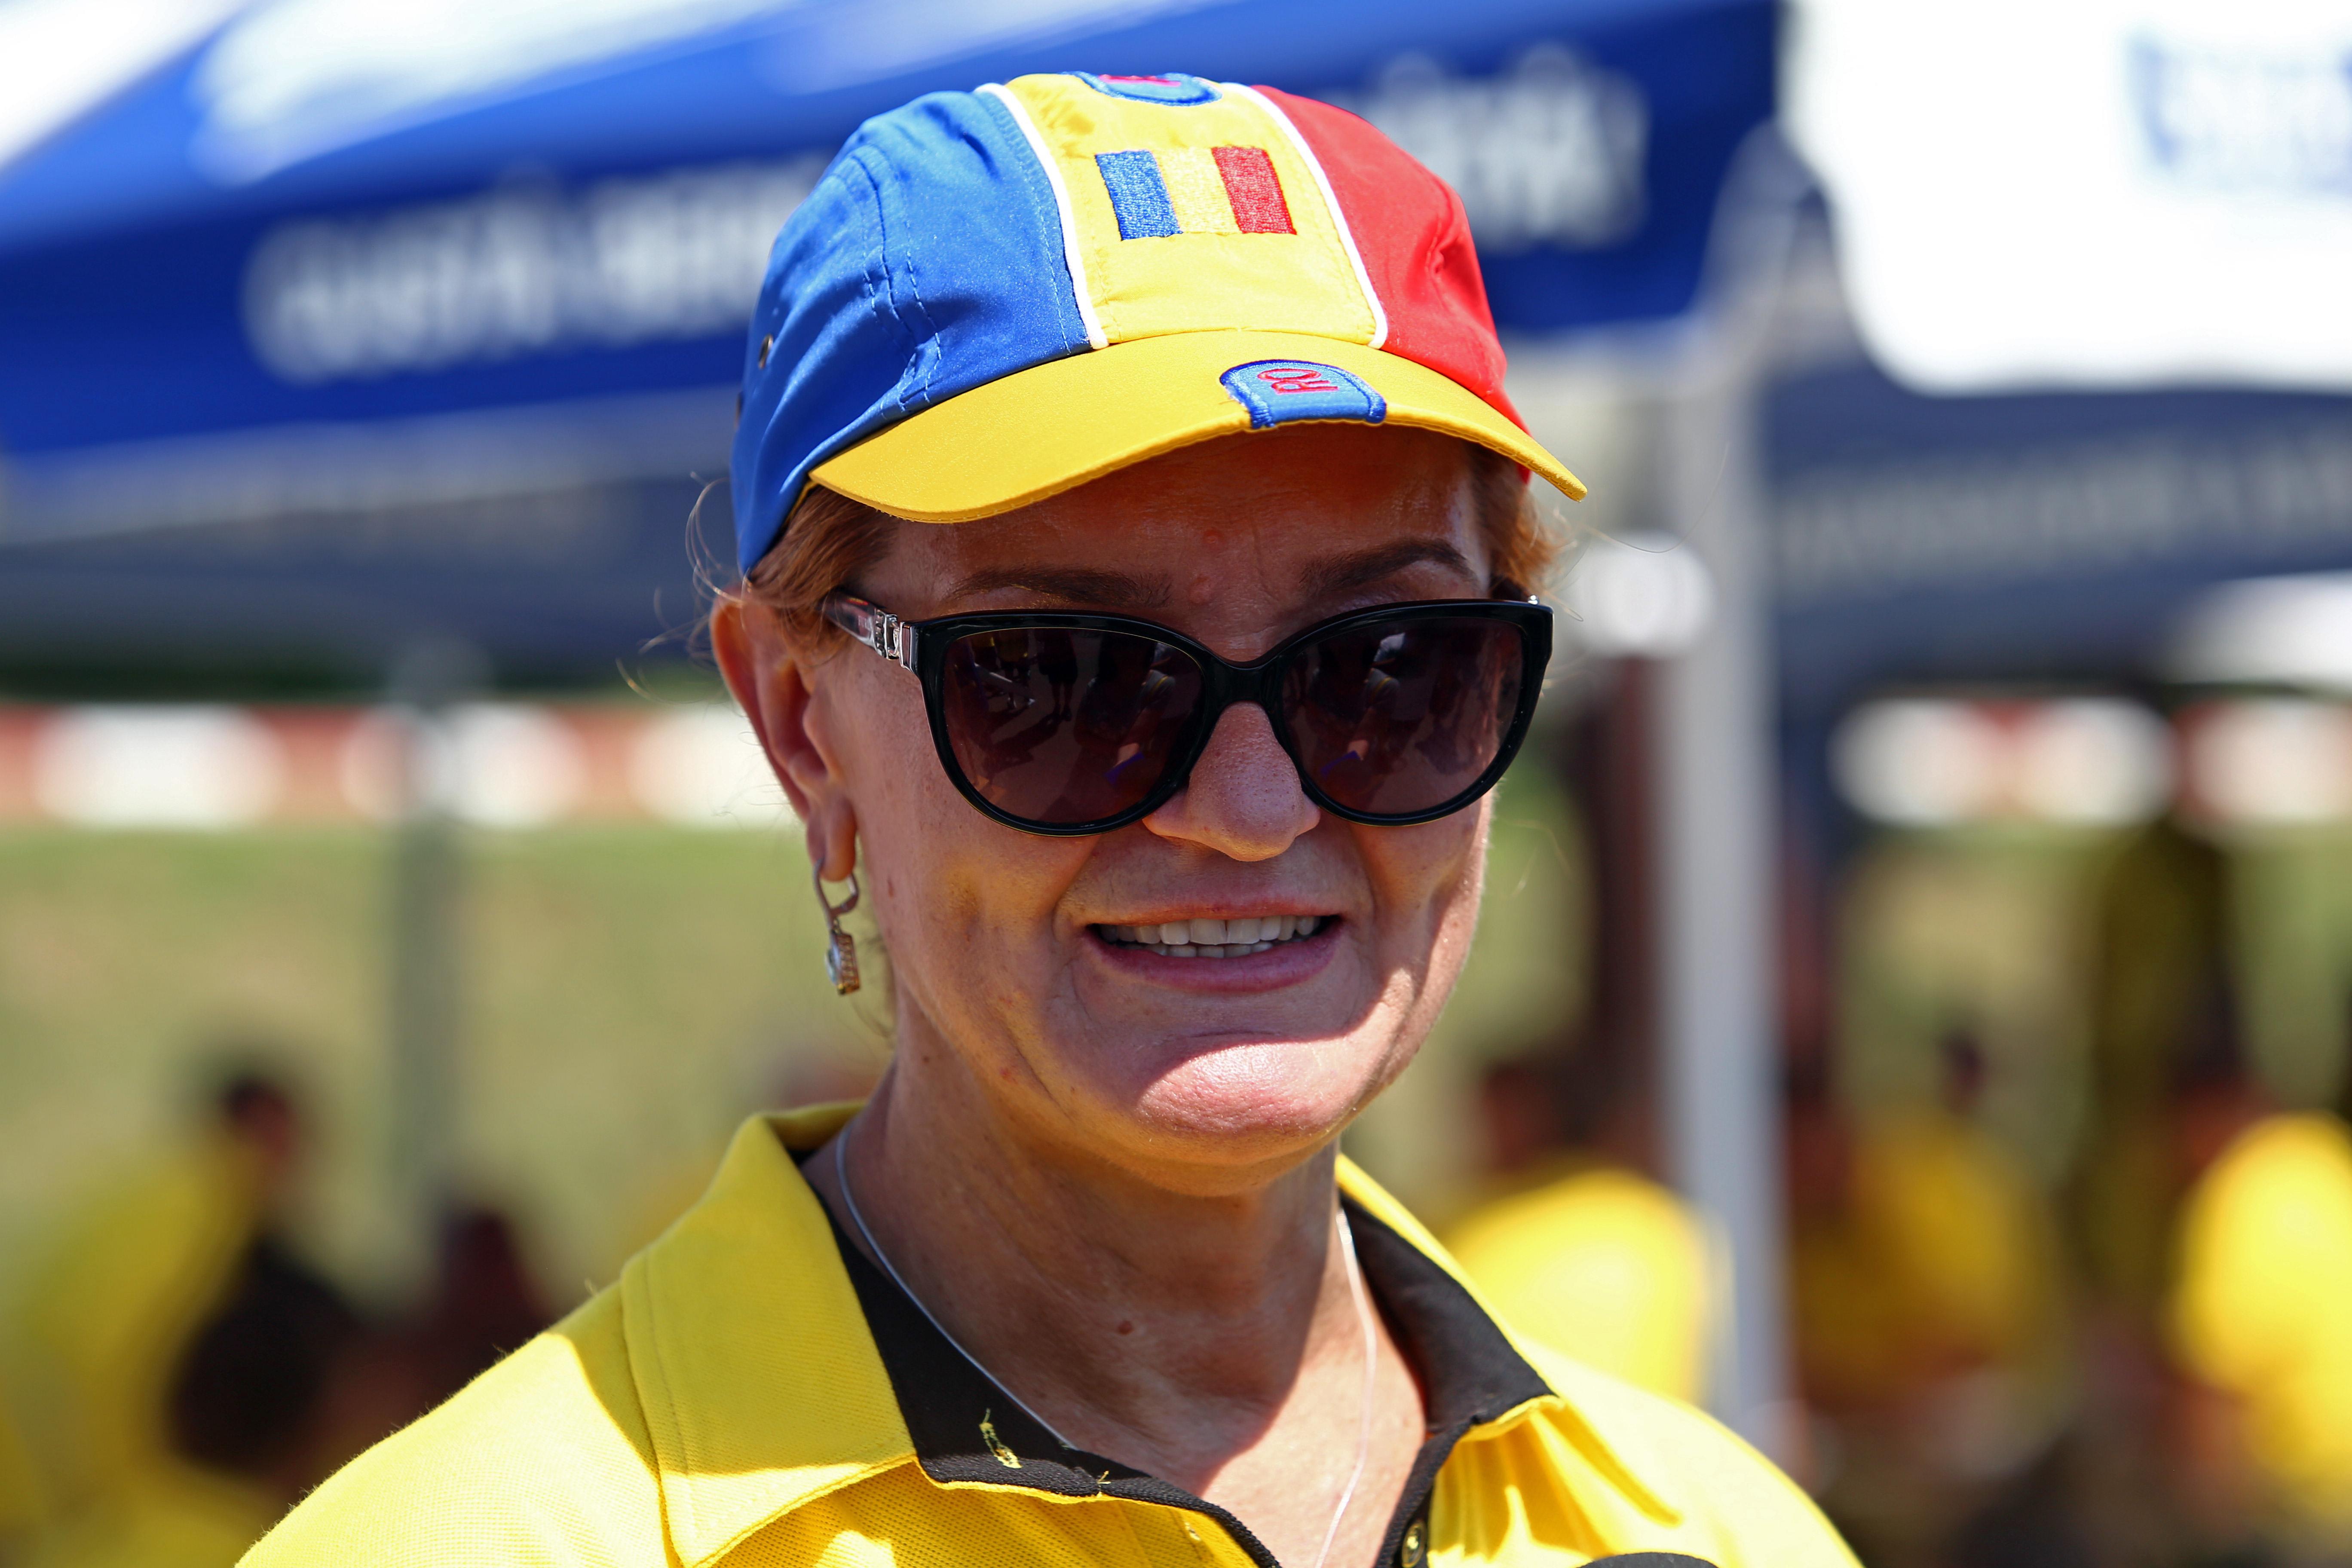 Elisabeta Lipă. FOTO: Vlad Chirea